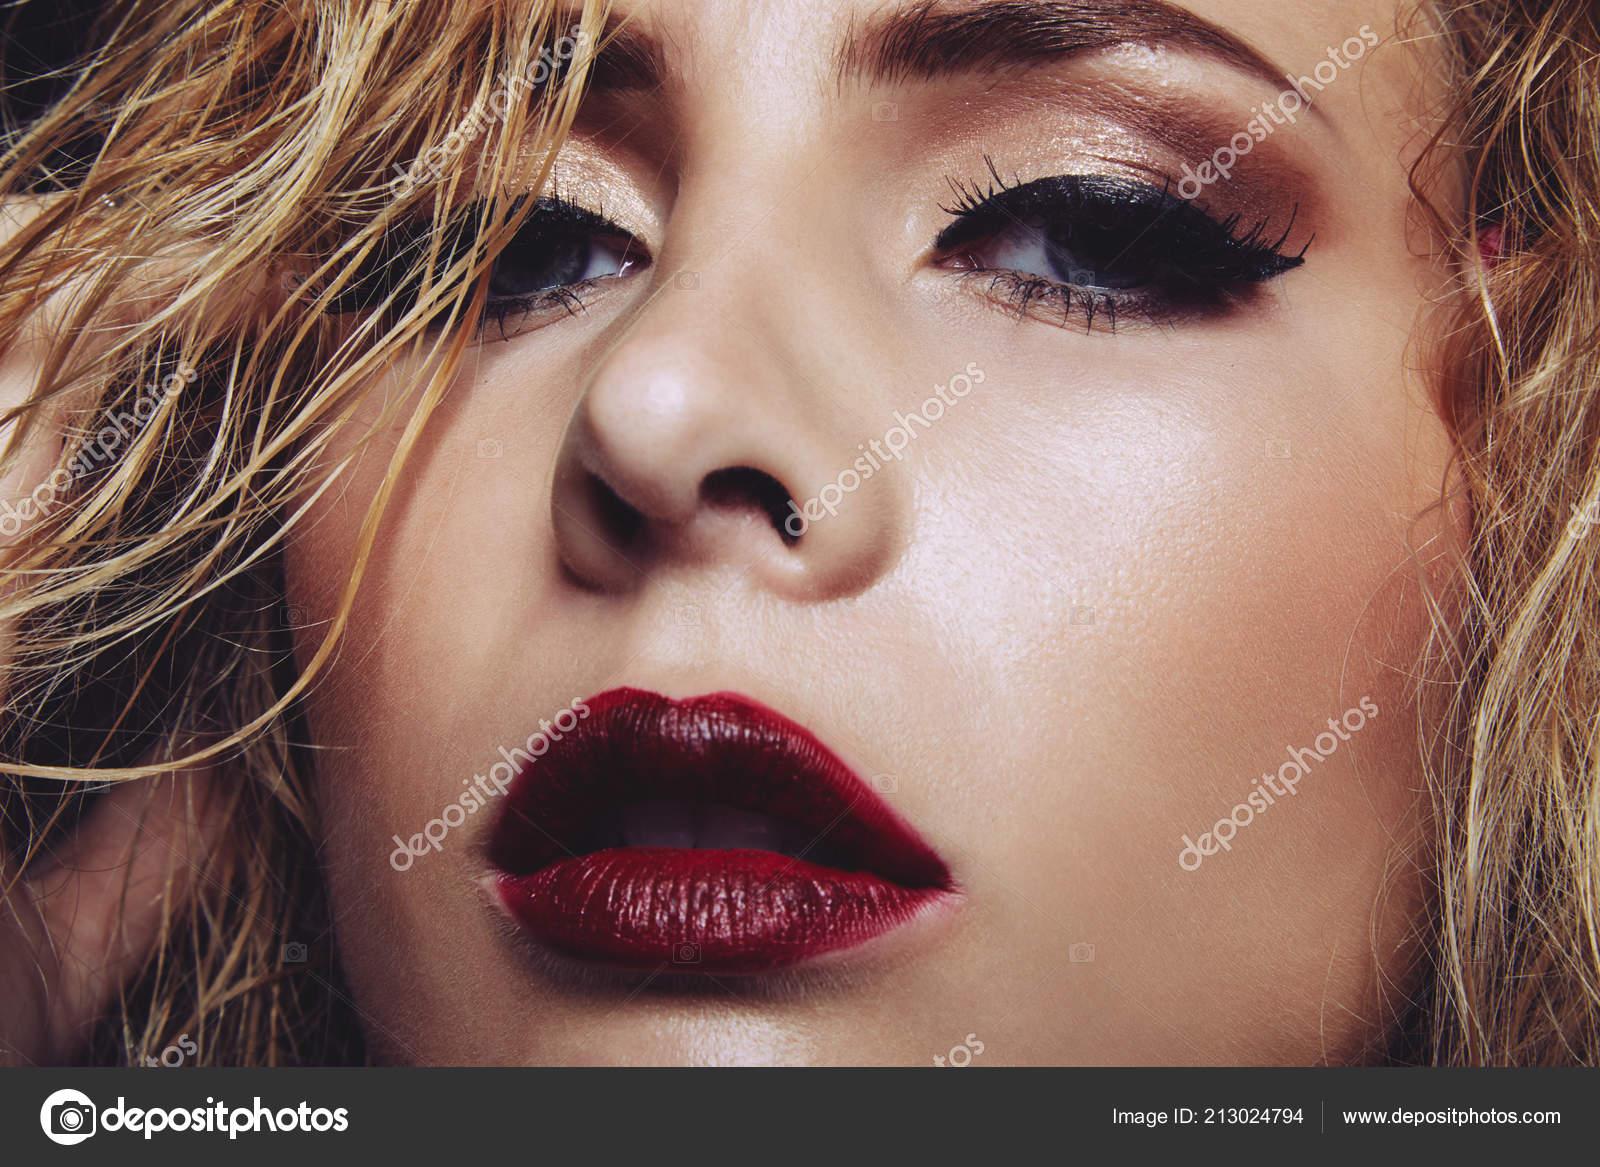 Gesicht Der Wunderschöne Junge Frau Mit Roten Lippen Und Leuchtenden